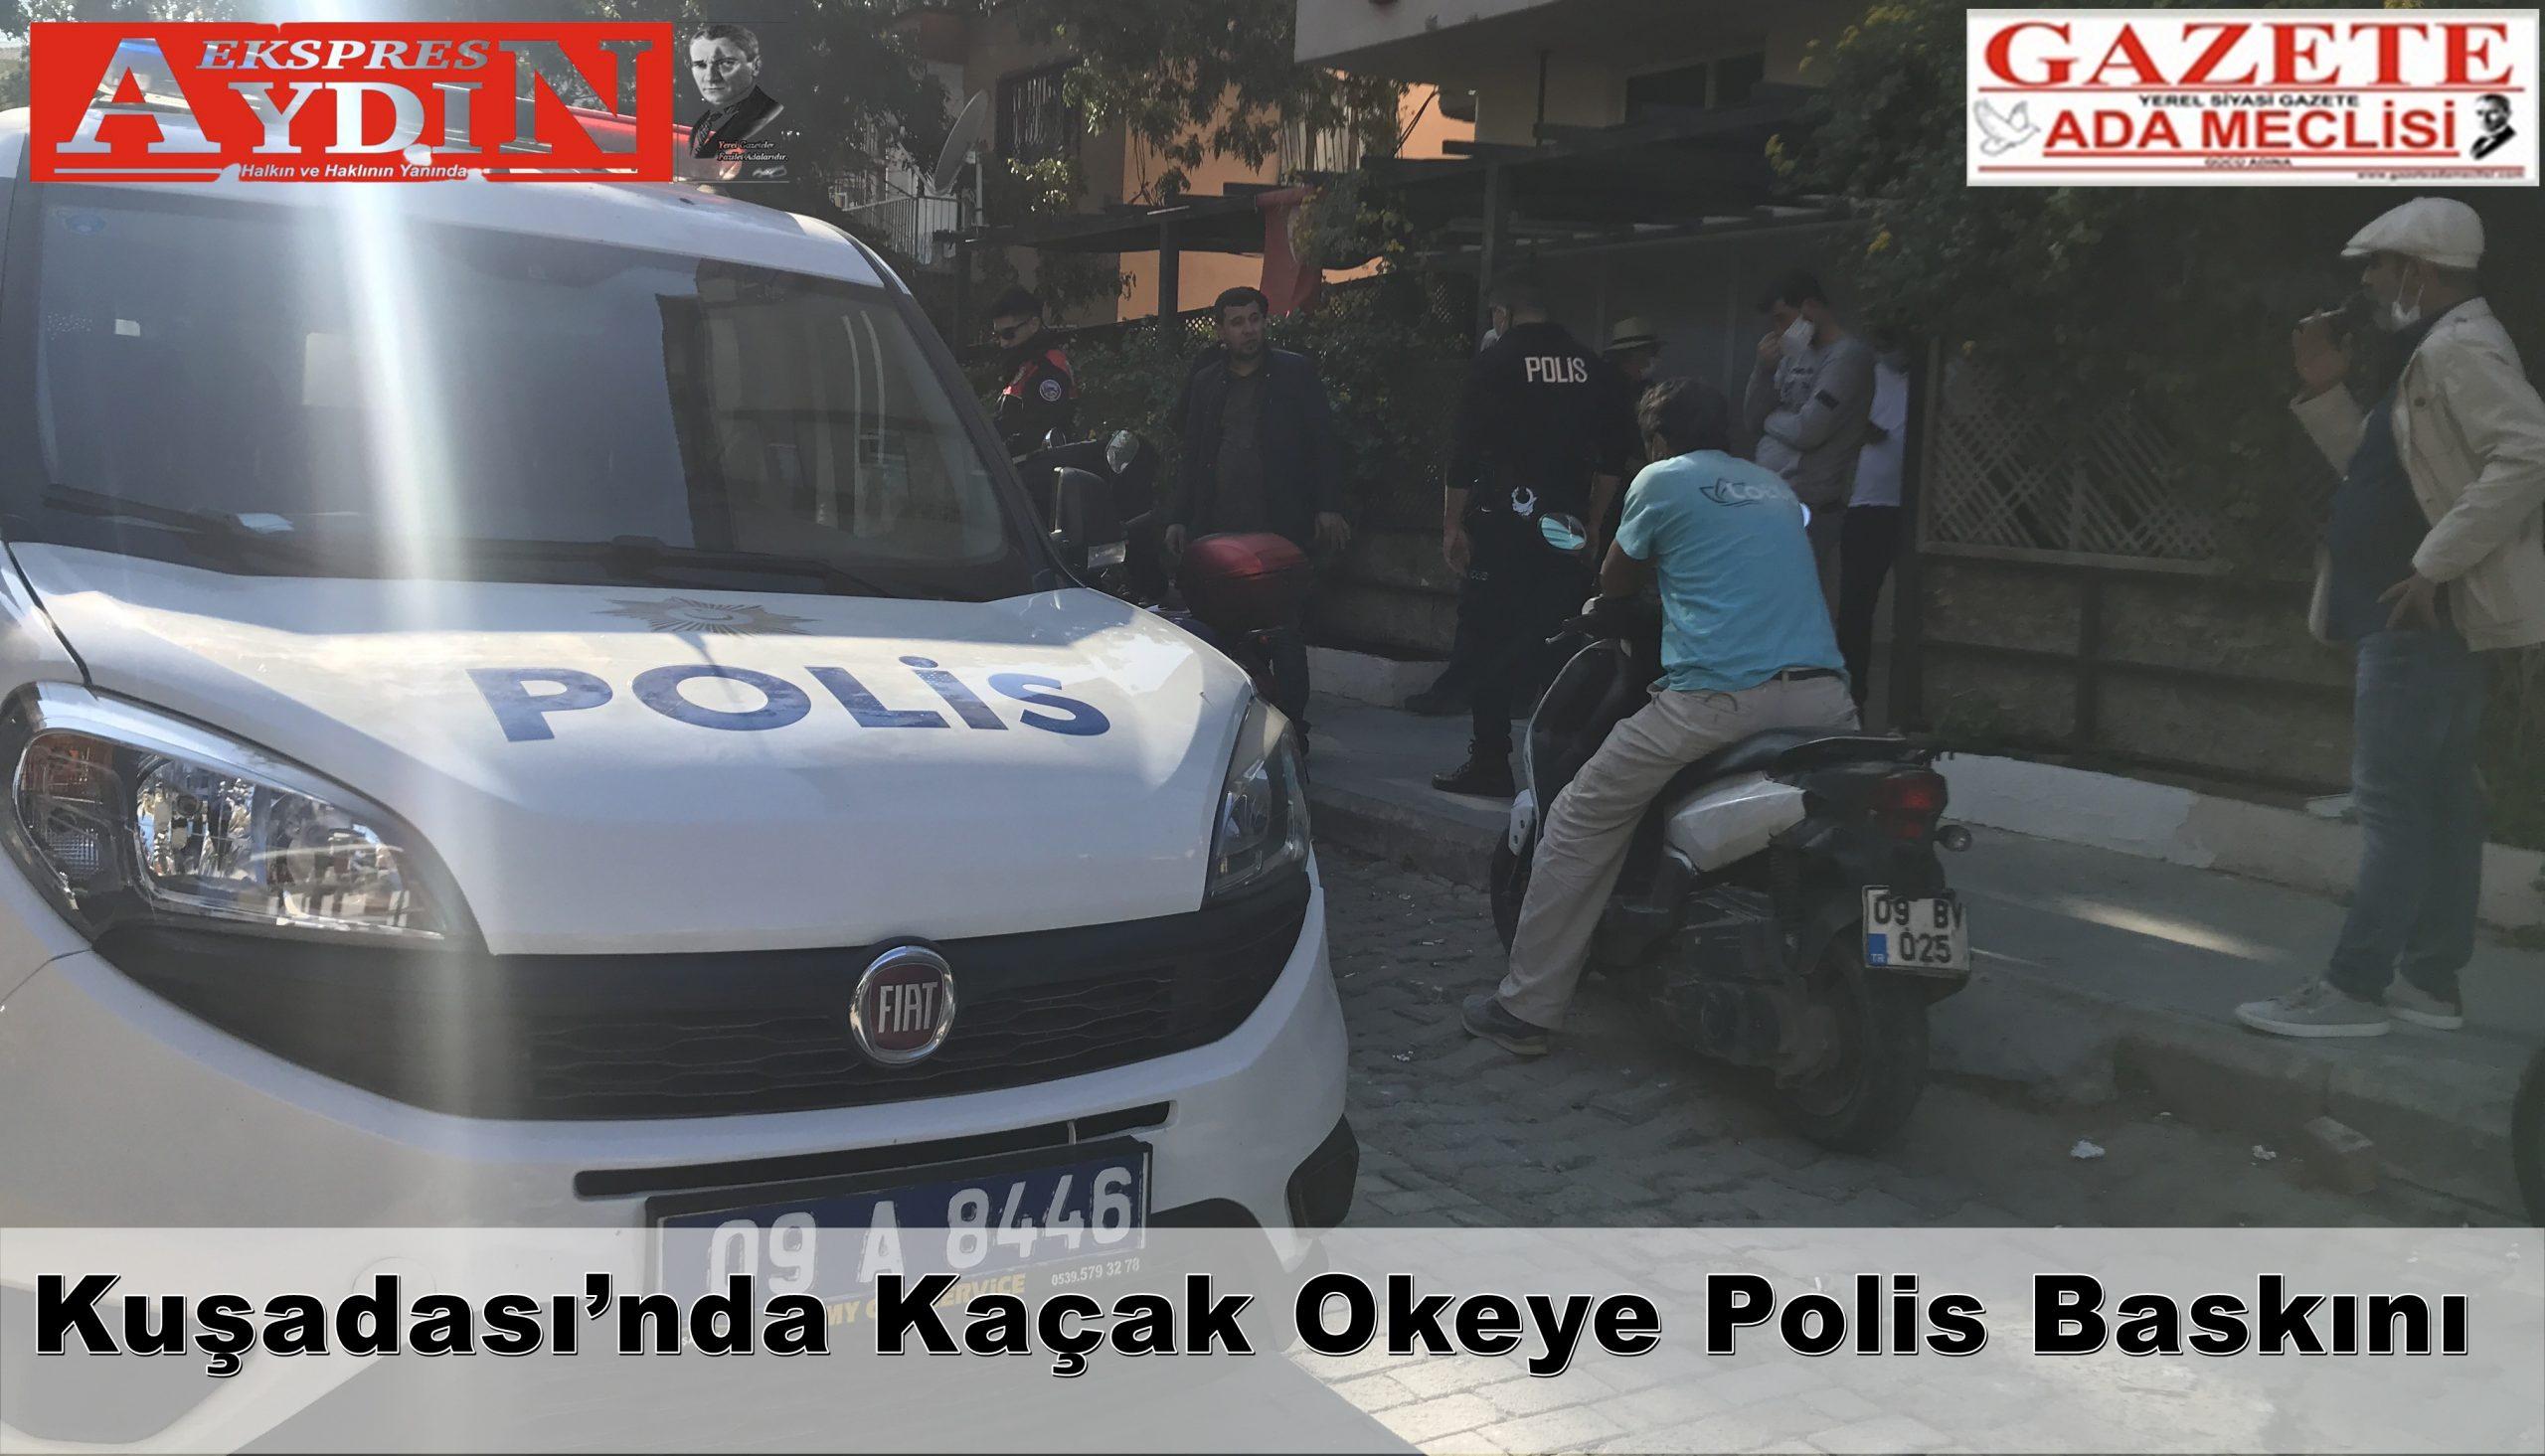 Kuşadası'nda kaçak okeye polis baskını